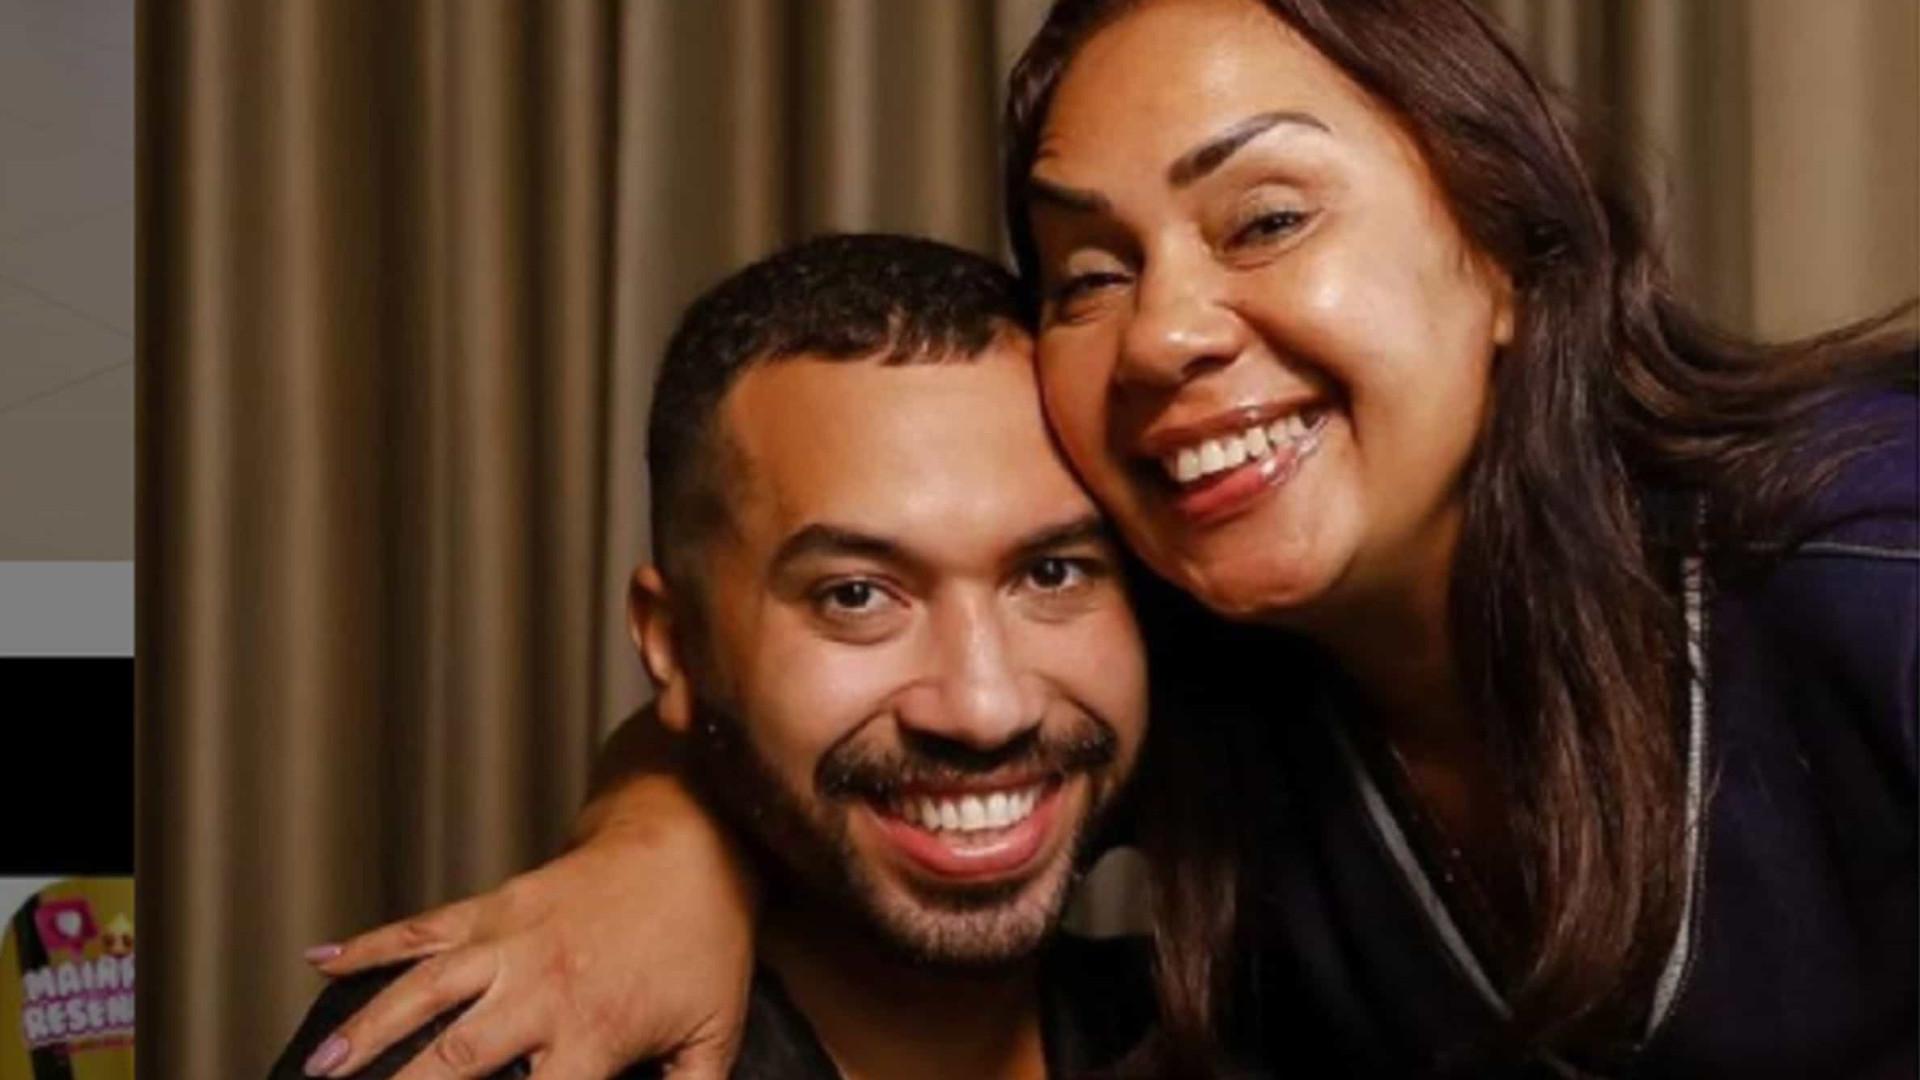 Mãe do Gil do Vigor: 'Deitei com um homem para trazer comida para casa'